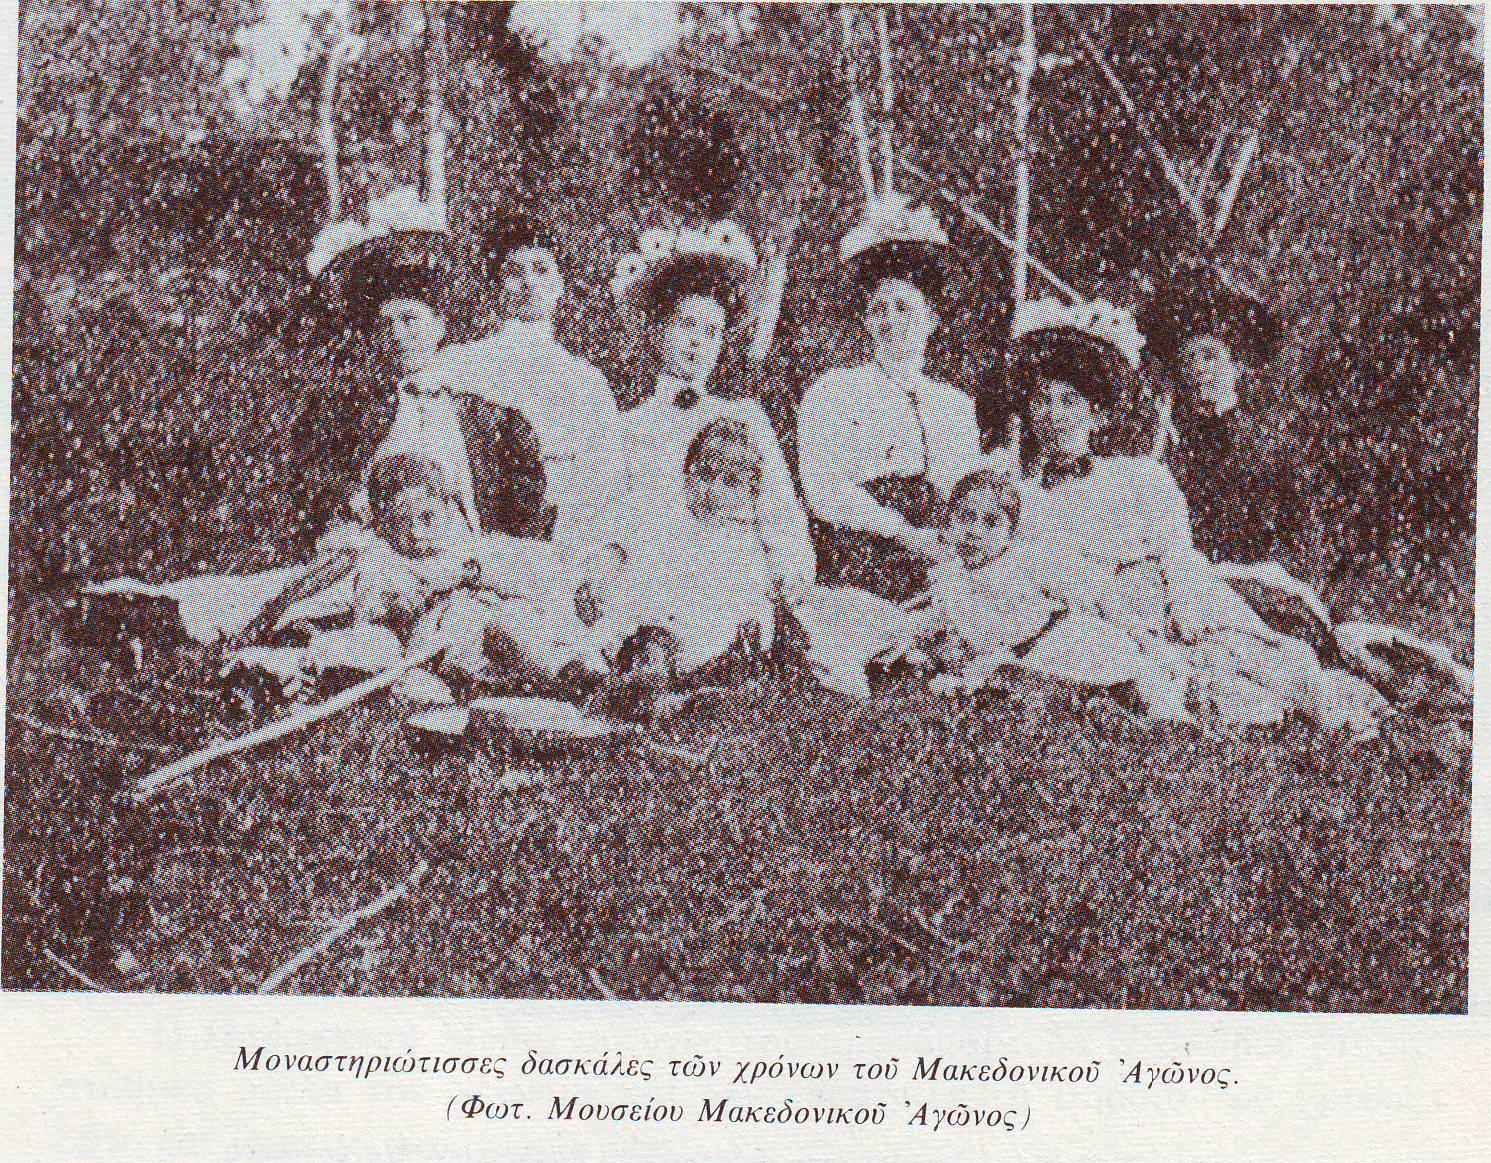 Γυναίκες Μακεδονομάχοι